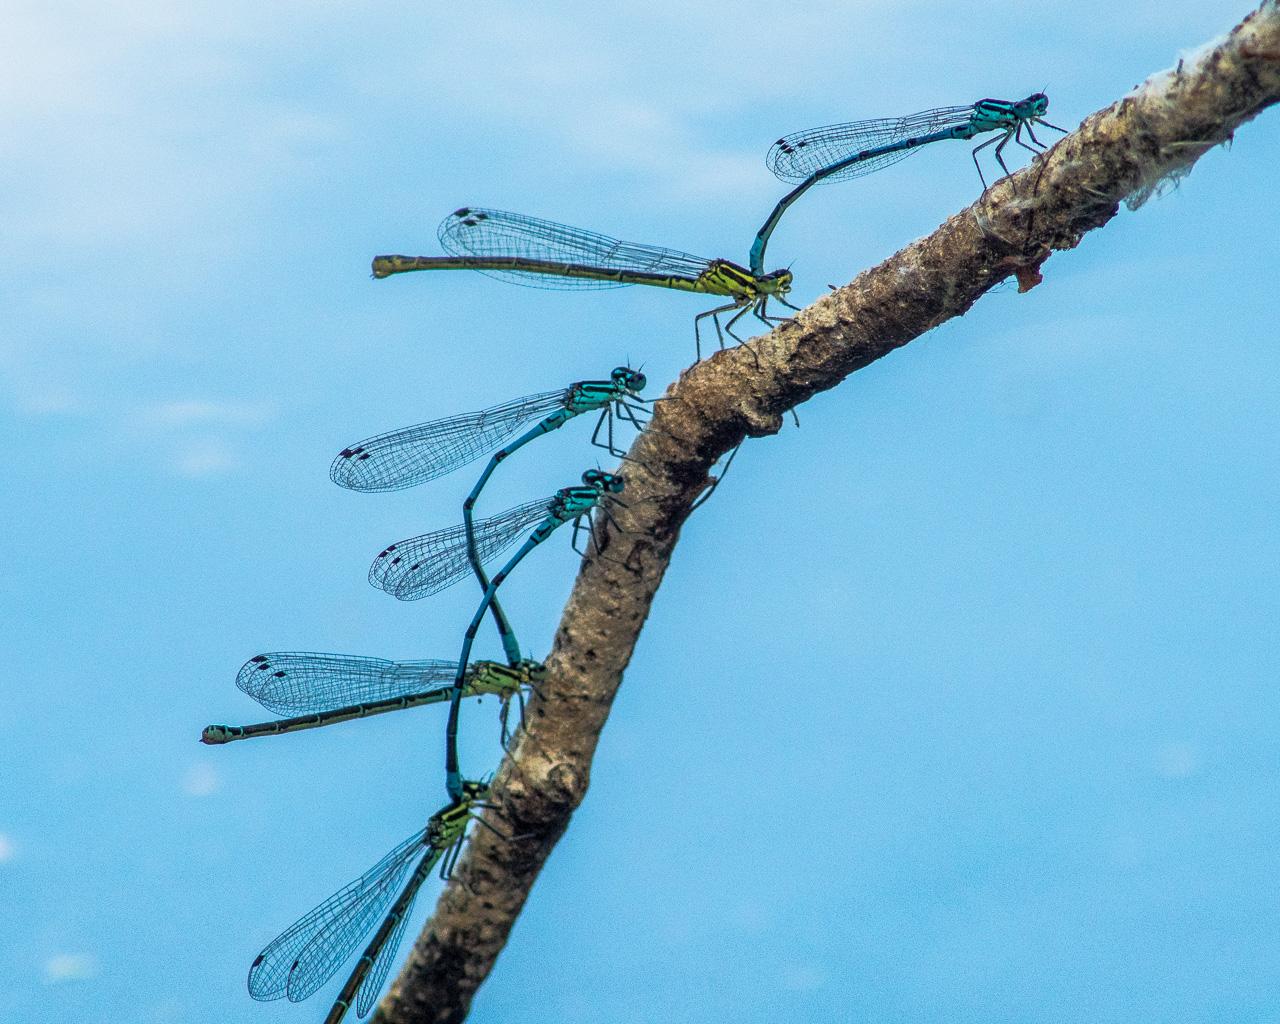 Sechs Libellen (3 Paare, je blau und grün), mglw. eine Azurjungfern-Art